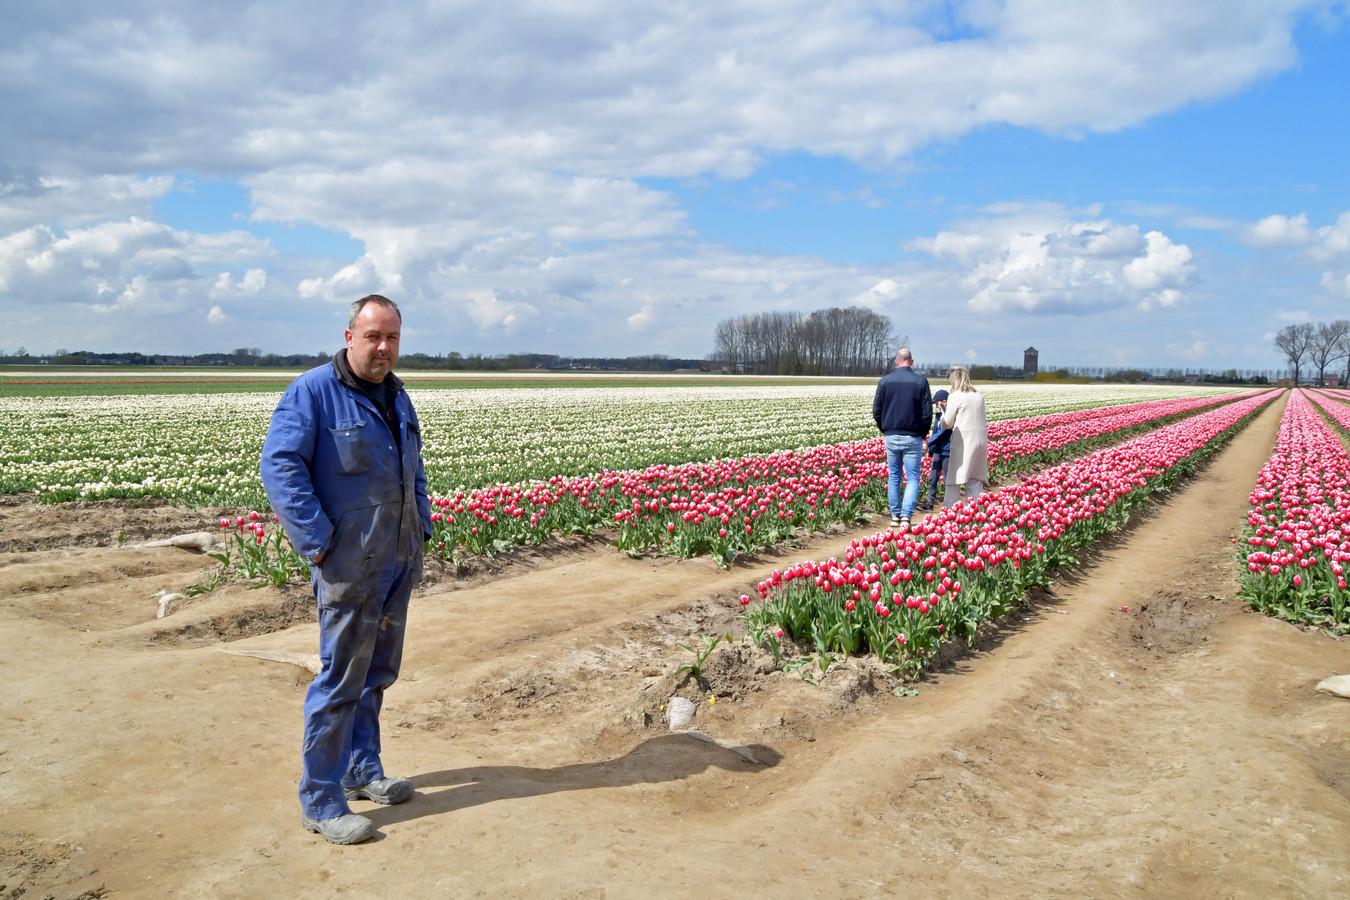 Bollenkweker Pieter Suy uit Absdale ziet het met lede ogen aan dat zijn veld in Meerdonk gebruikt wordt als fotoshootterrein. Mensen nemen zelfs, honden, picknickmanden en extra kledingsets mee.